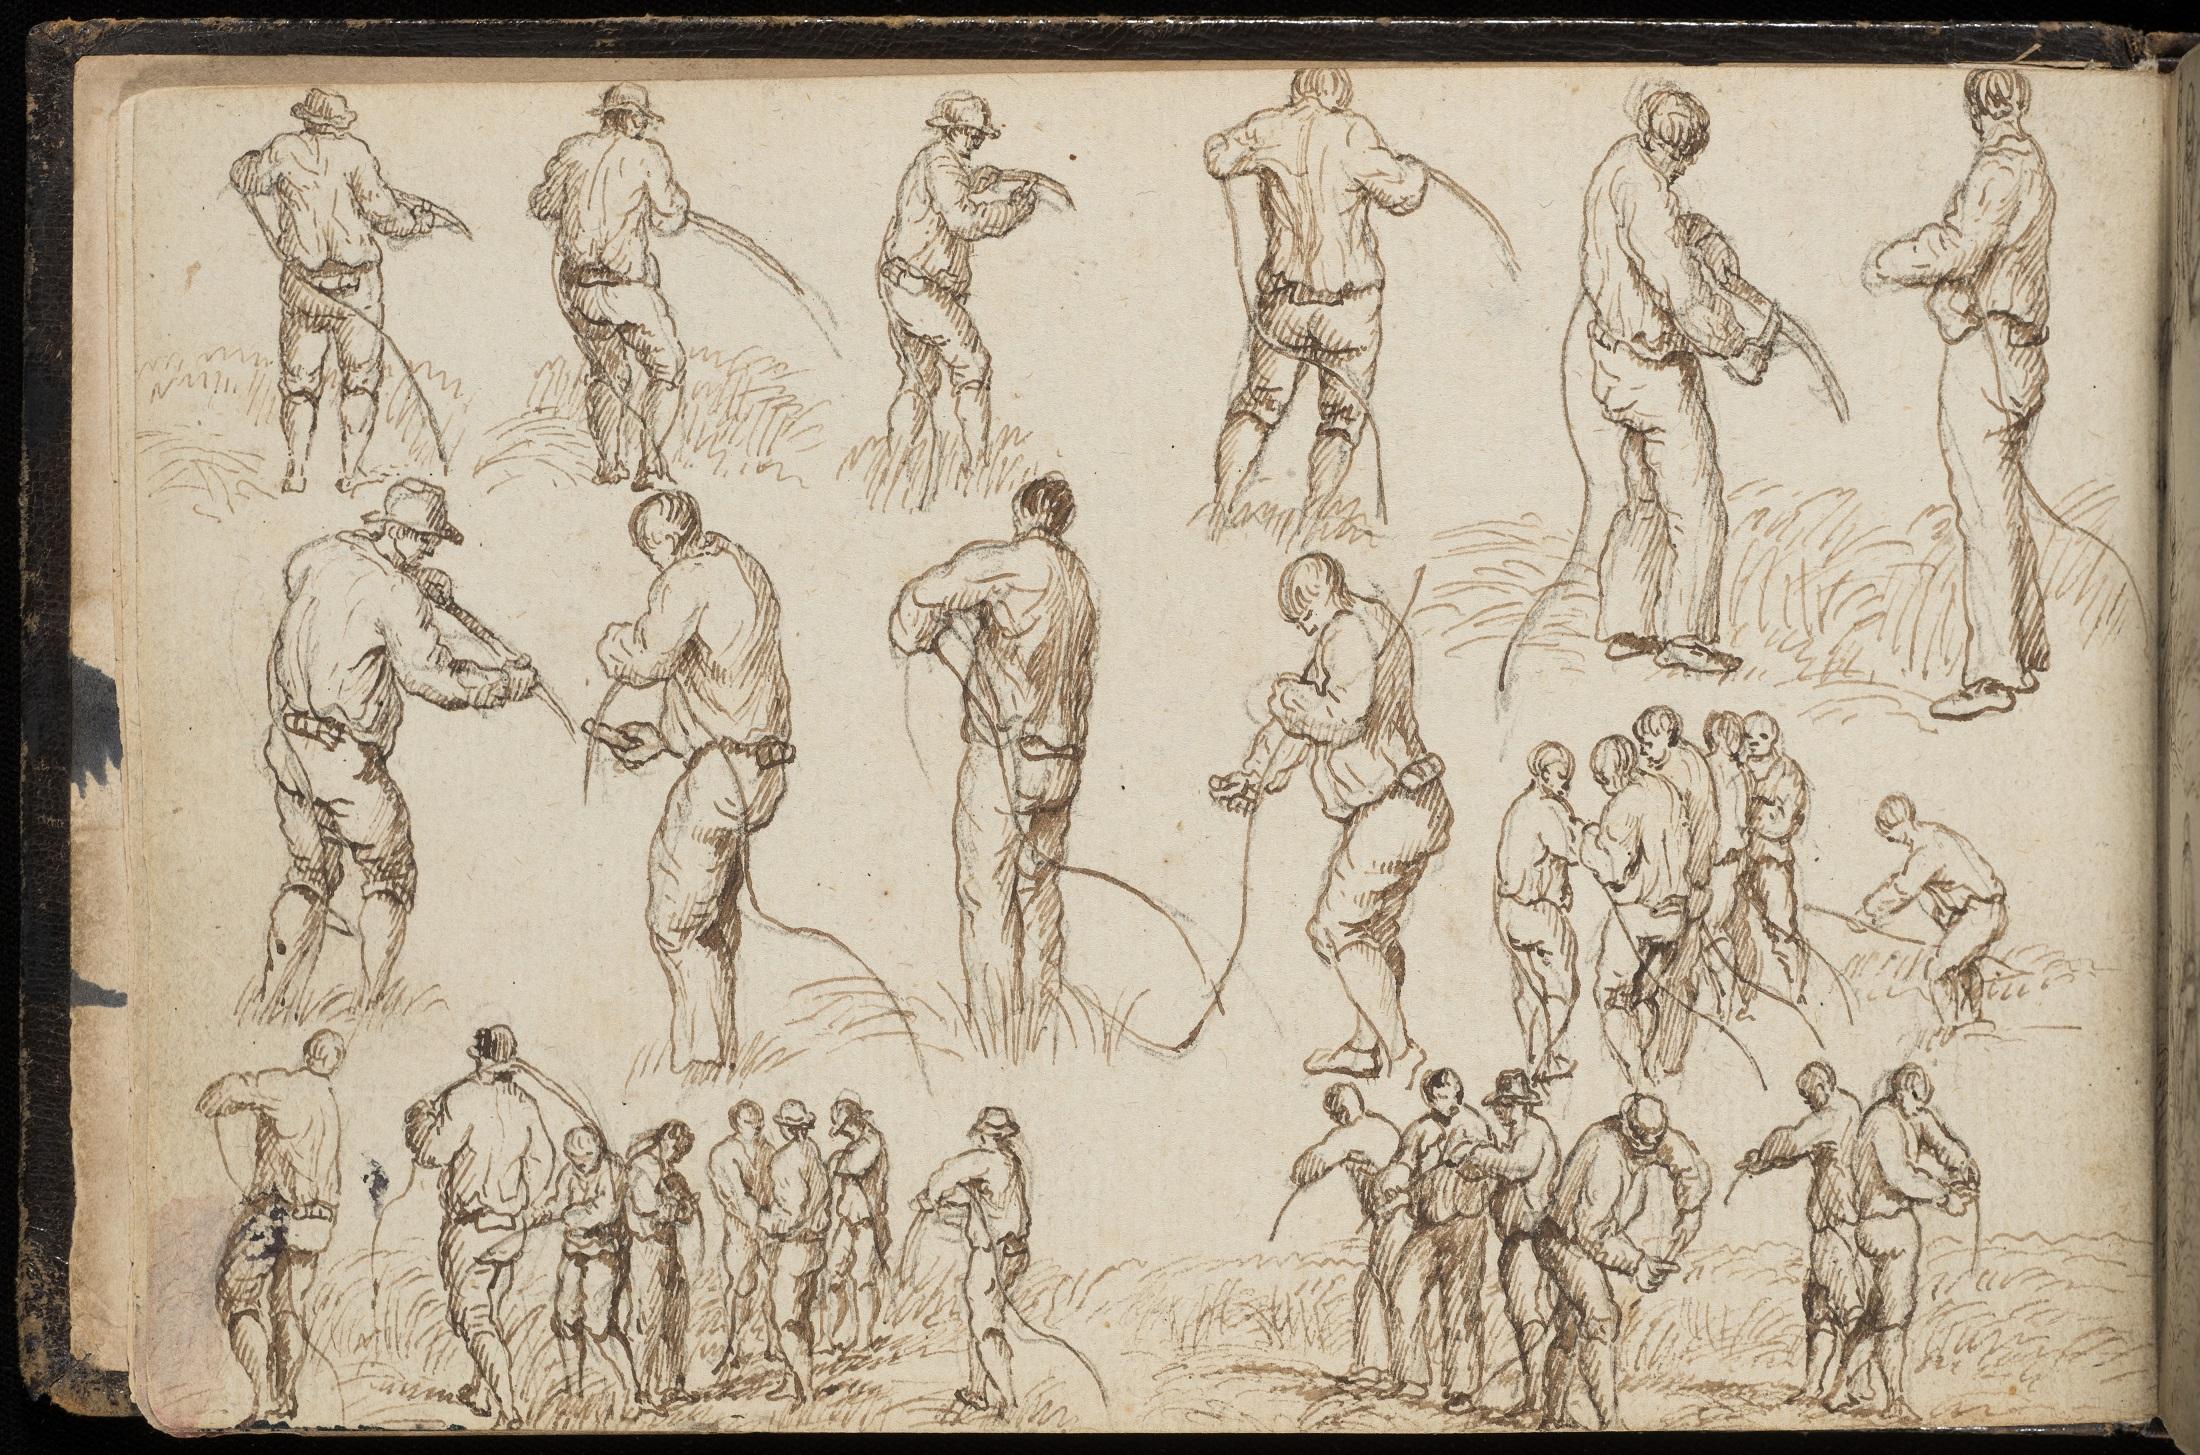 Drawing of men sharpening scythe blades